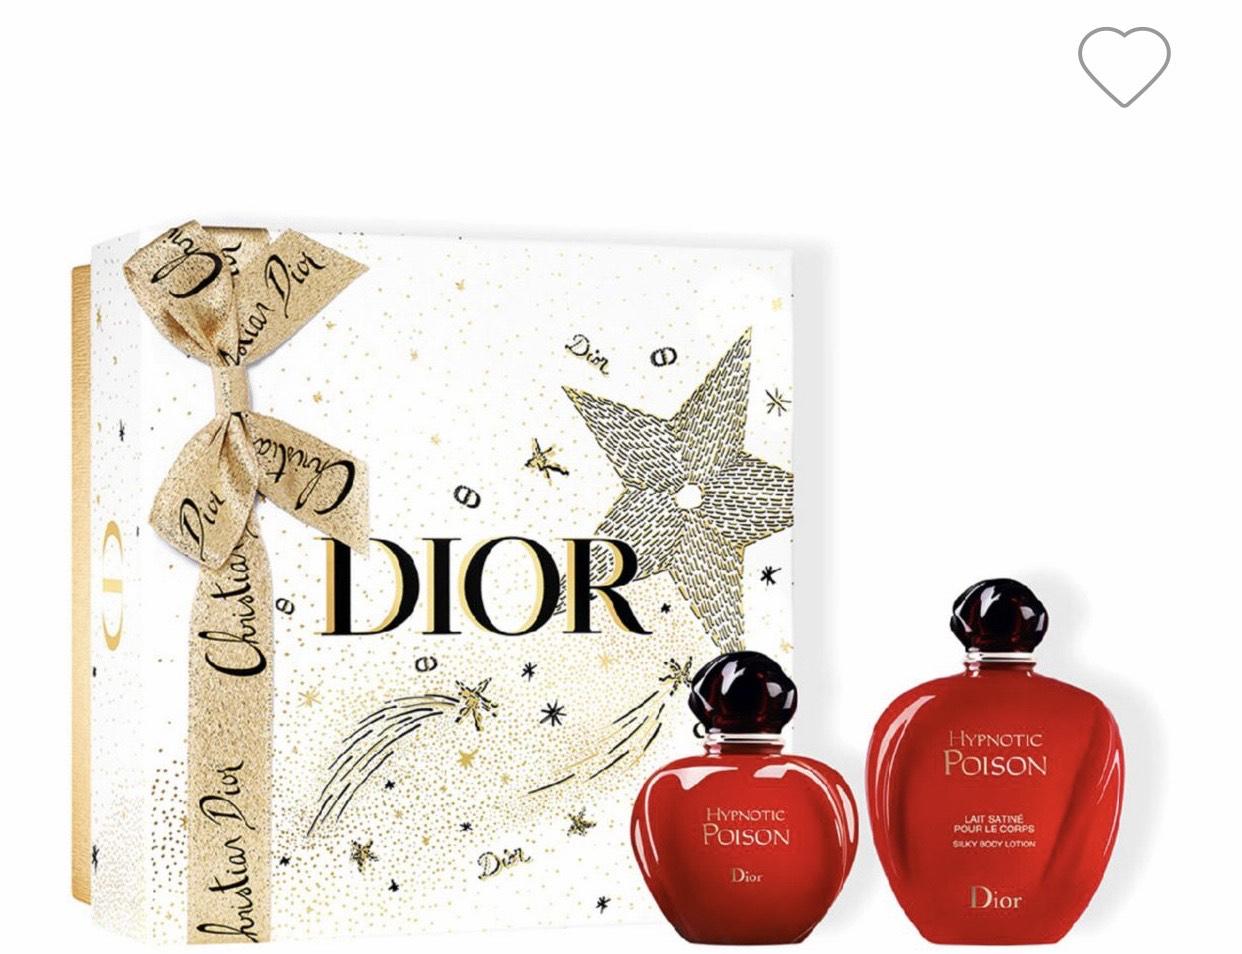 Dior Hypnotic Poison Eau de Toilette 50ml Gift Set £46.66 at Boots